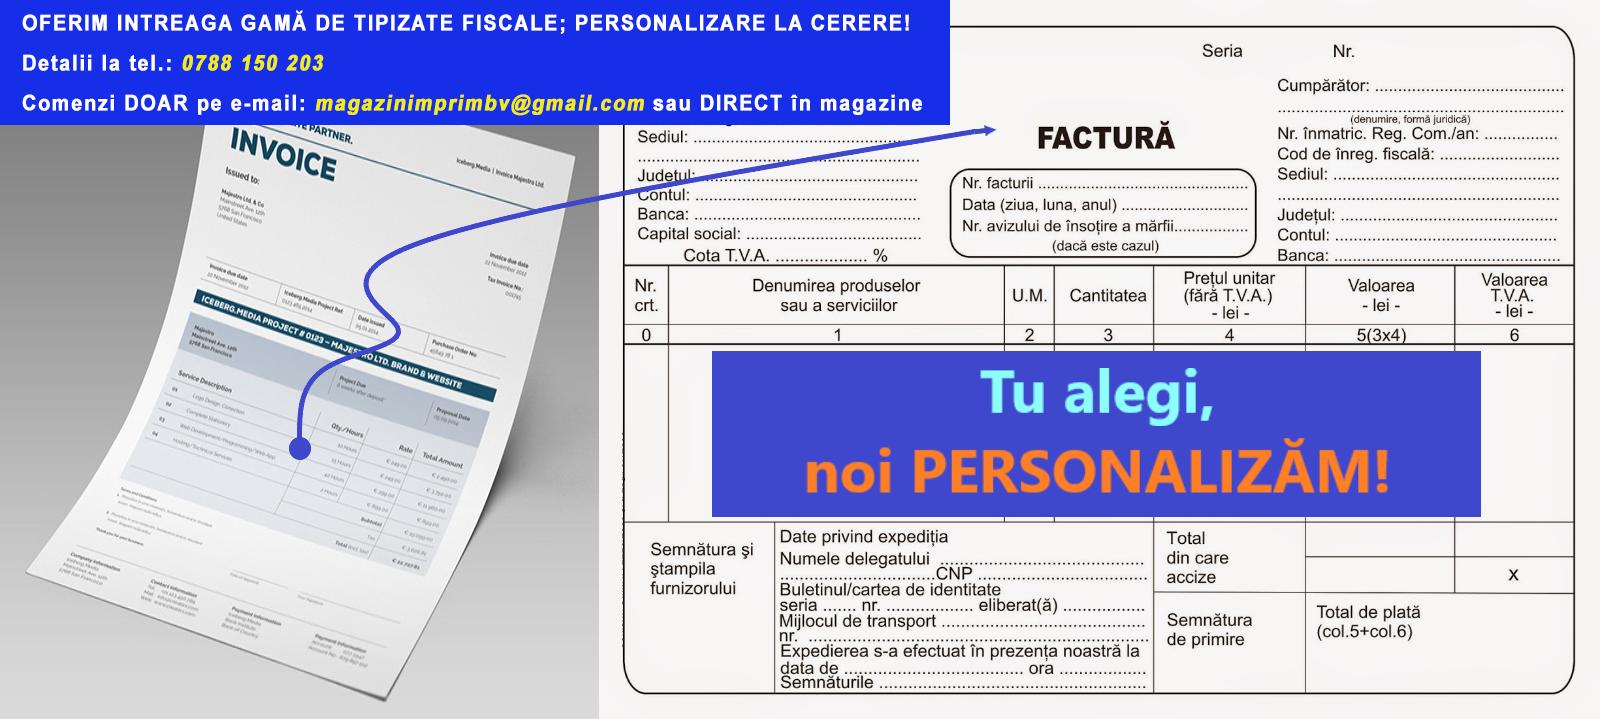 Oferta tipizate personalizate